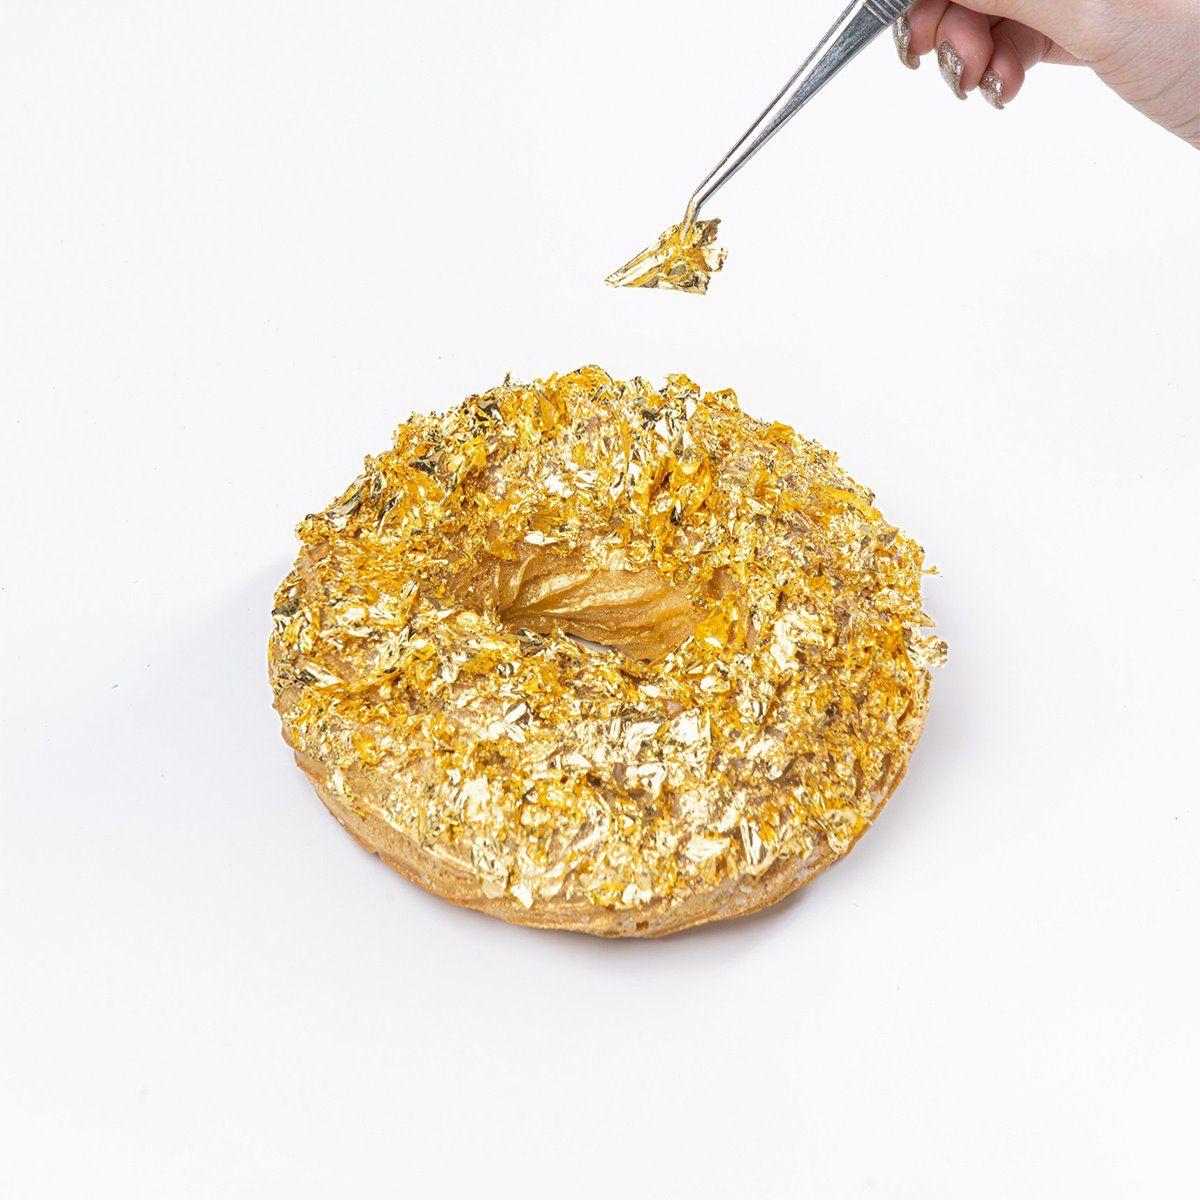 Berlapis Emas 24 Karat, Donat Ini Harganya Sebuah Rp 1,9 Juta